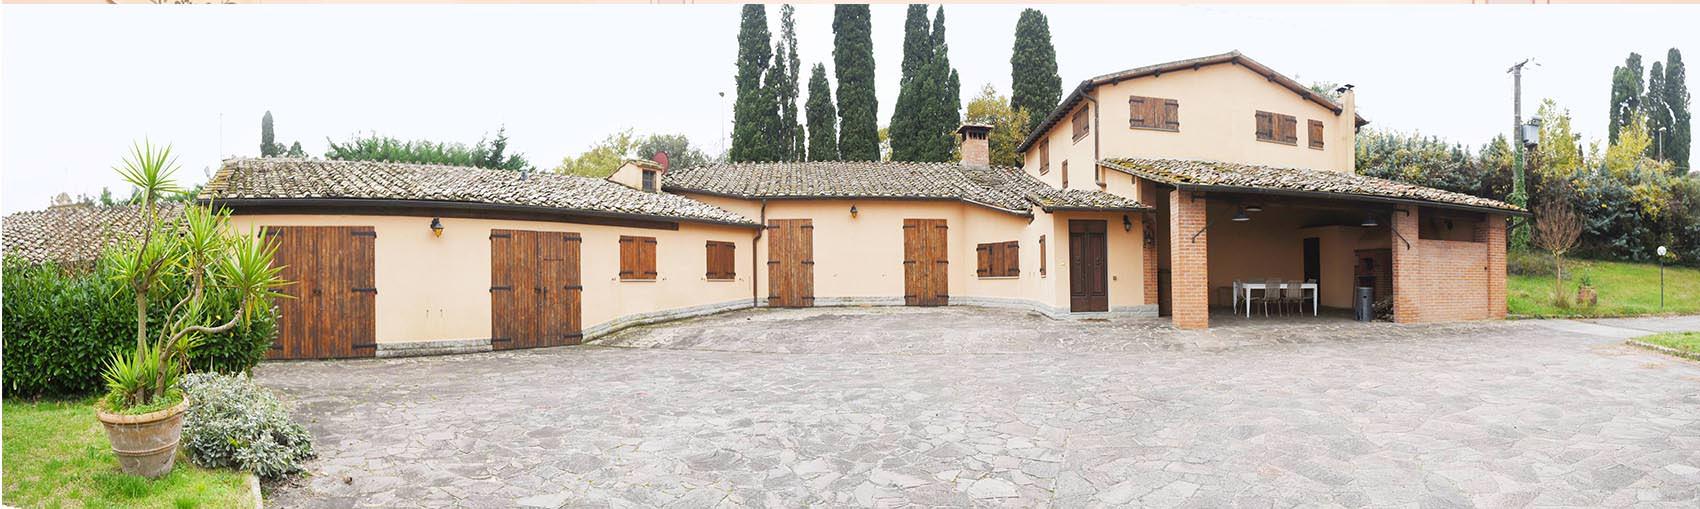 Rustico / Casale in vendita a Barberino di Mugello, 16 locali, prezzo € 900.000 | Cambio Casa.it